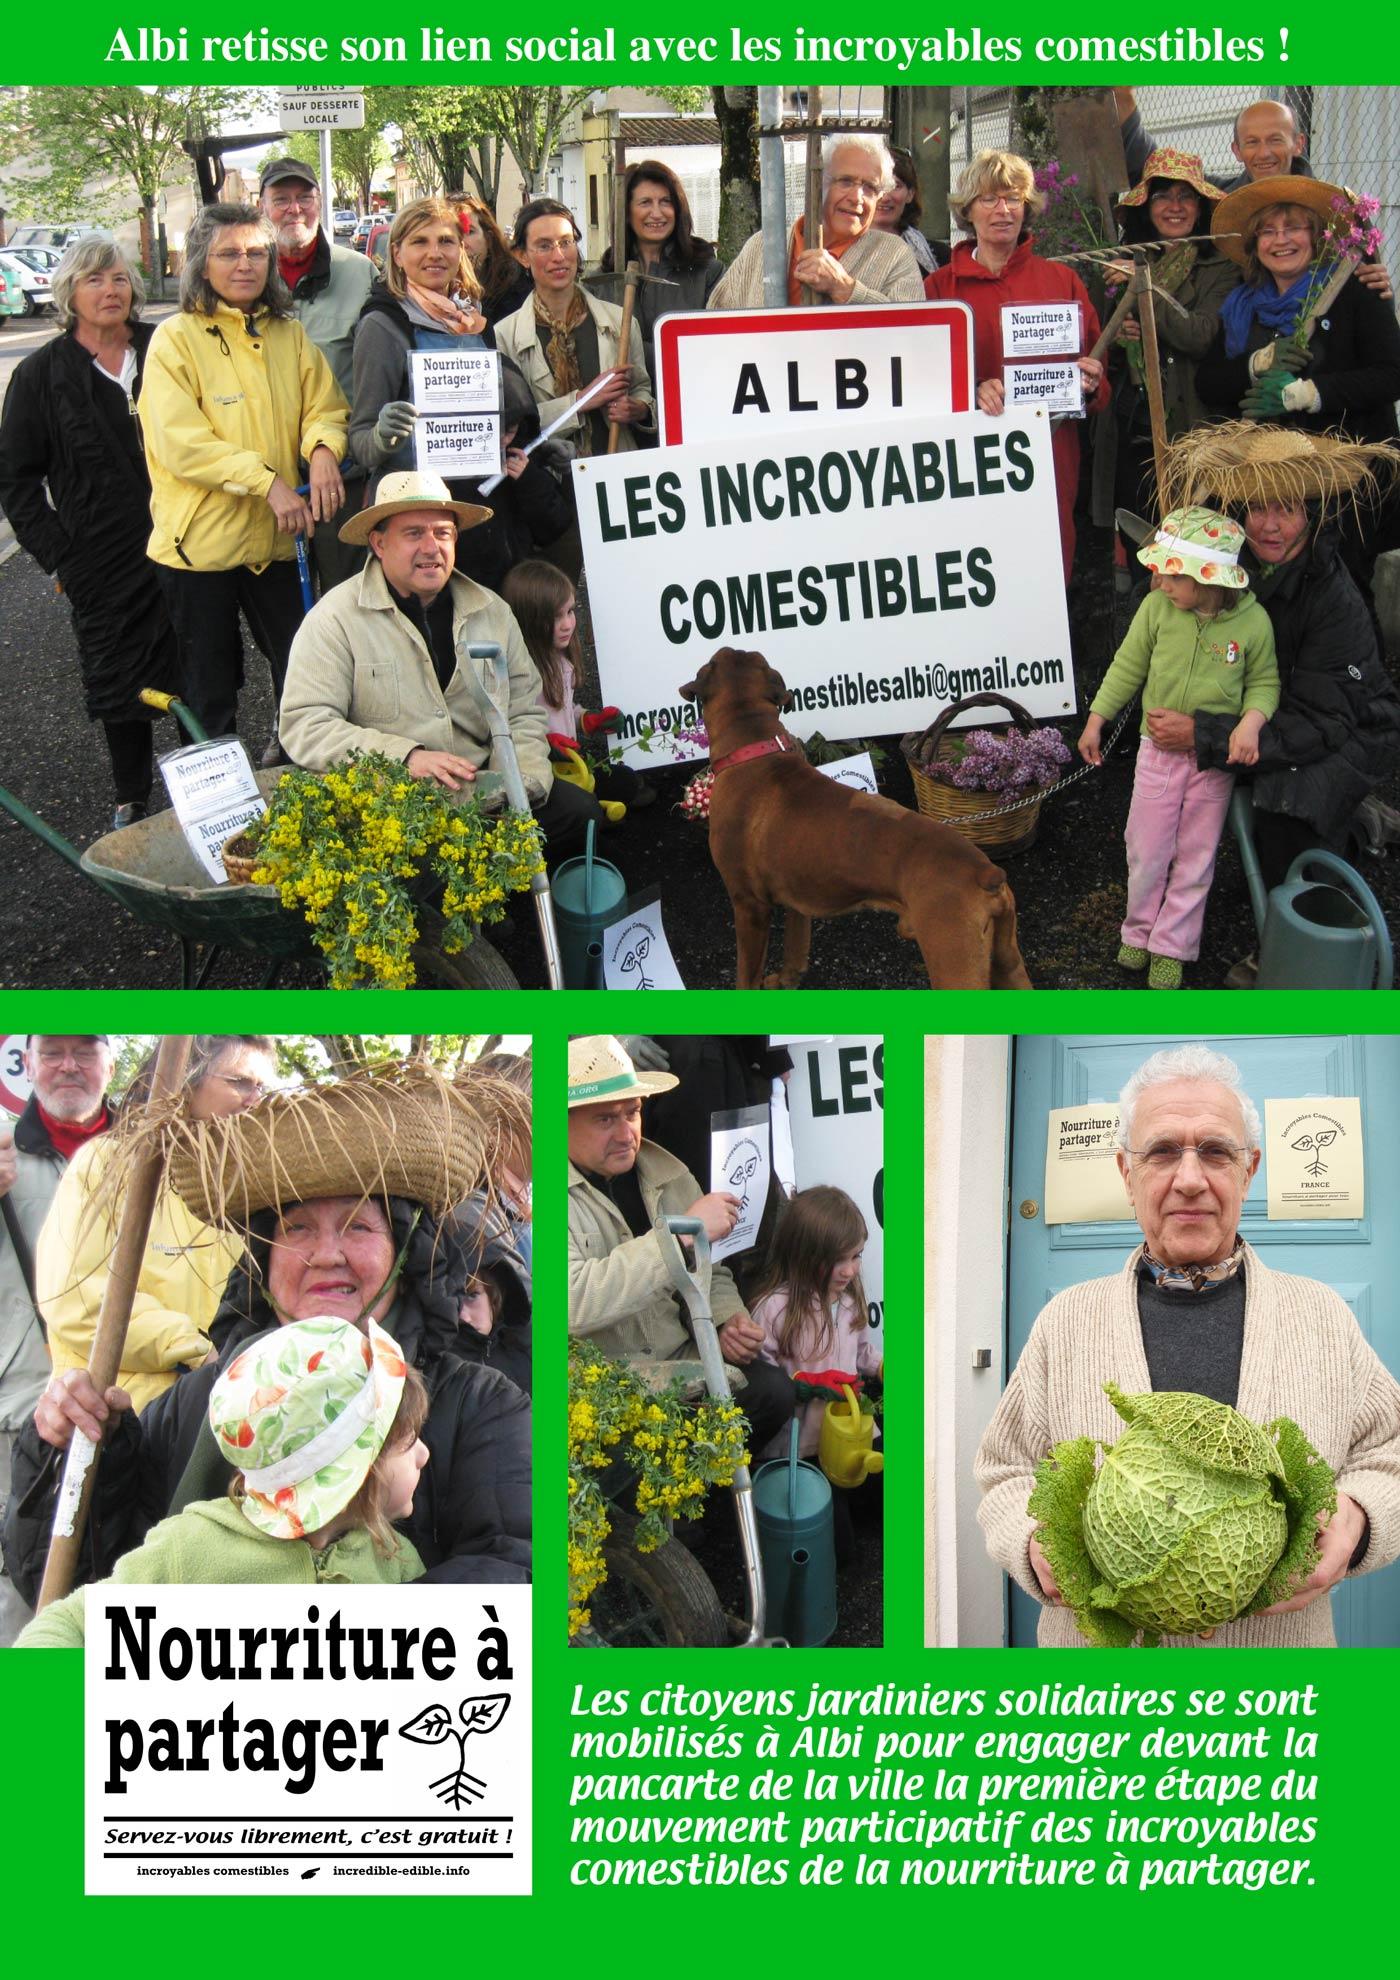 c430_incredible_edible_todmorden_france_tarn_albi_incroyables_comestibles_w1400